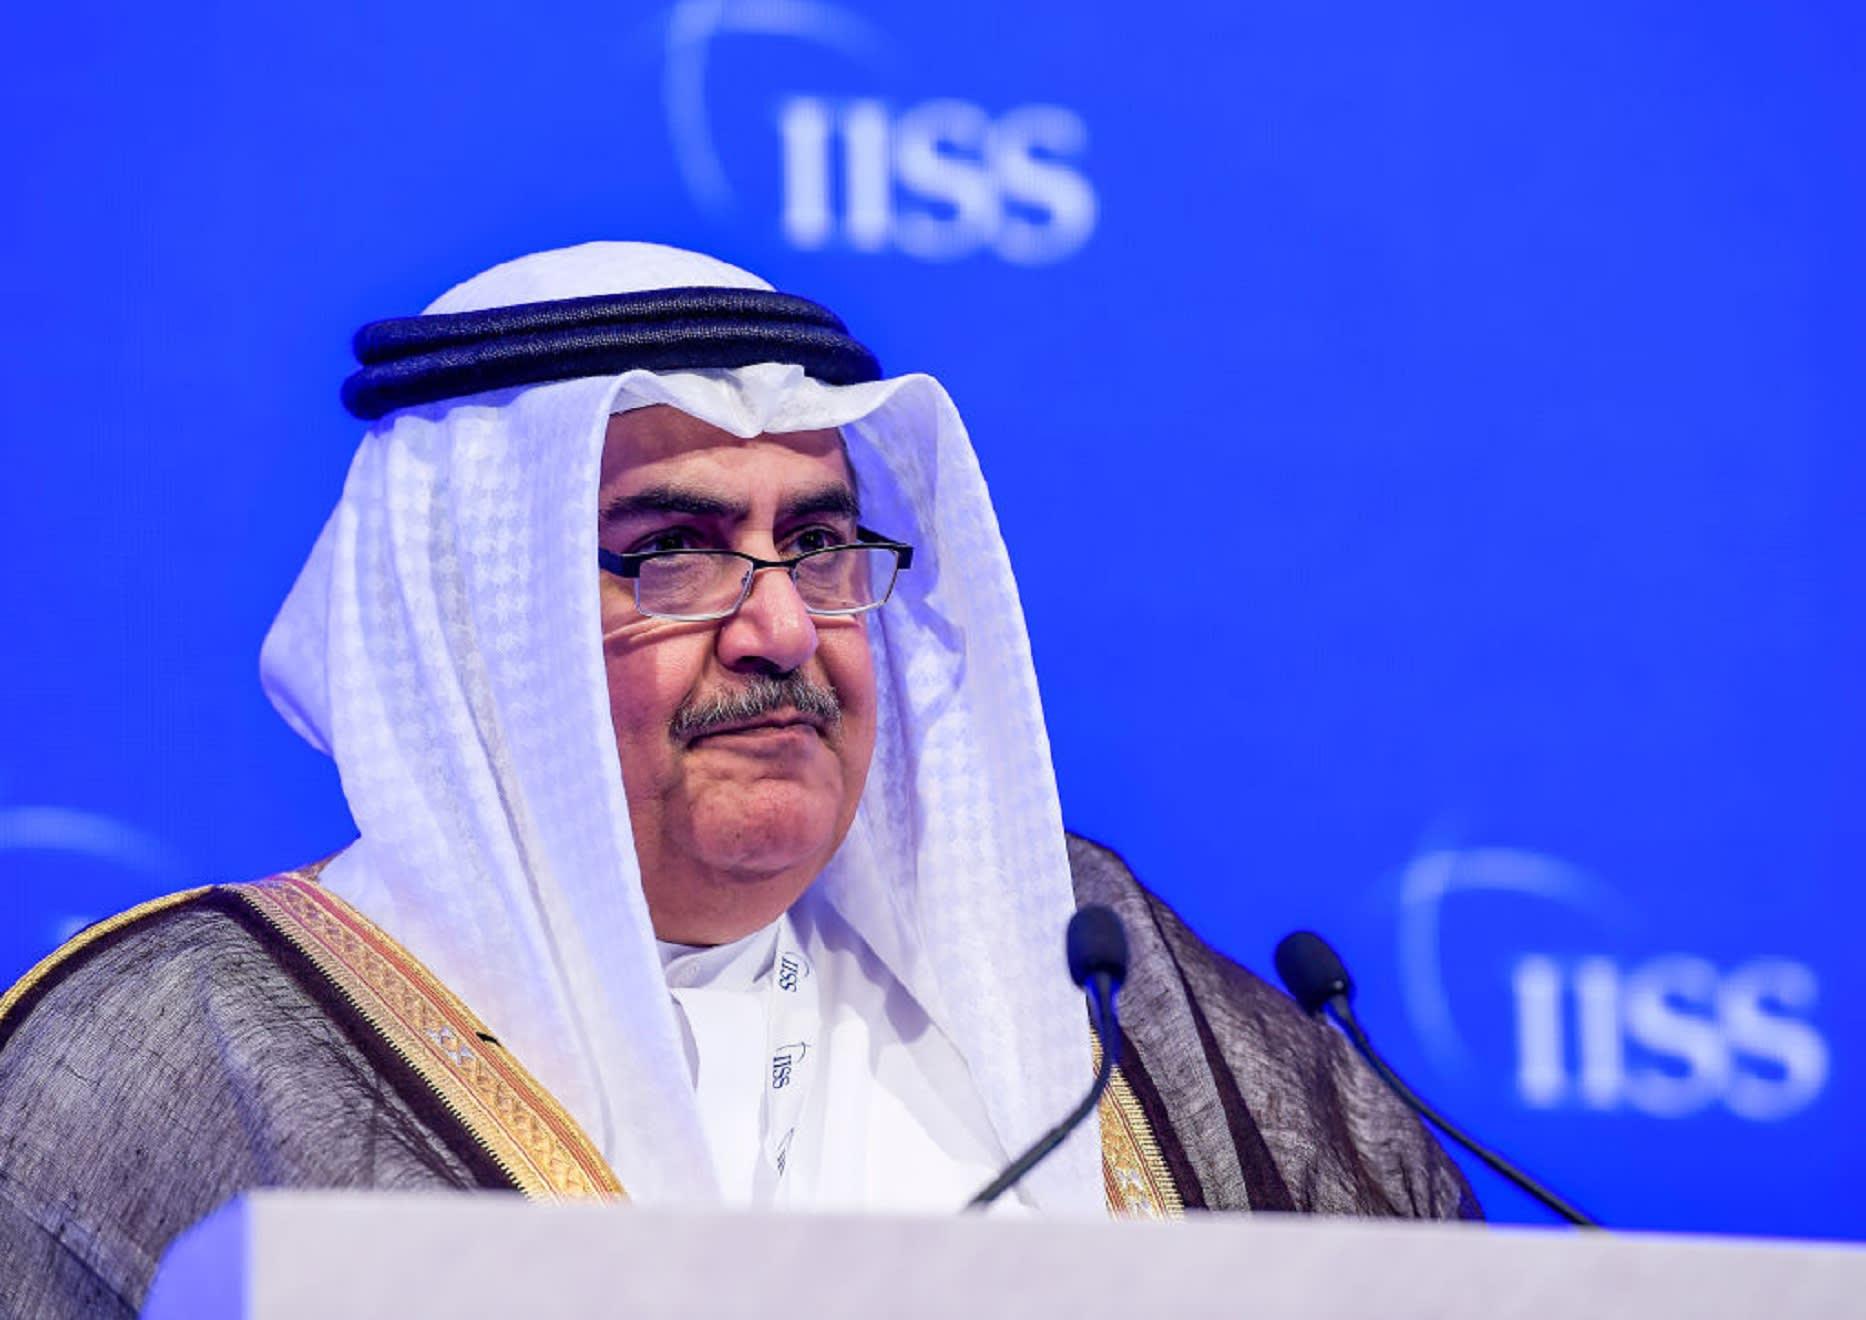 بتغريدة.. وزير خارجية البحرين يتساءل عن حزب الله وحفر الأنفاق